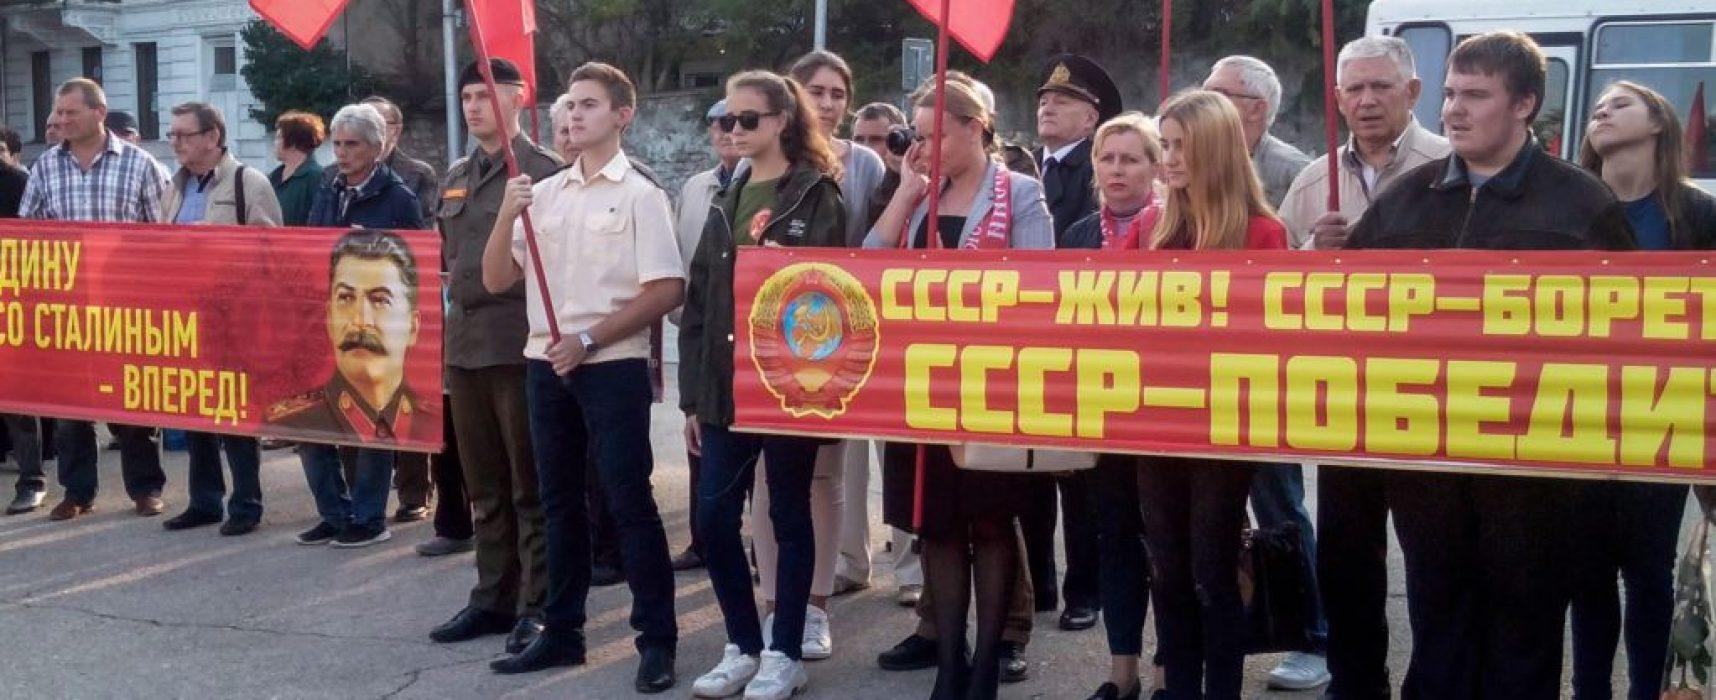 Broj onih koji žale zbog raspada Sovjetskog saveza dostigao maksimum za poslednjih 10 godina